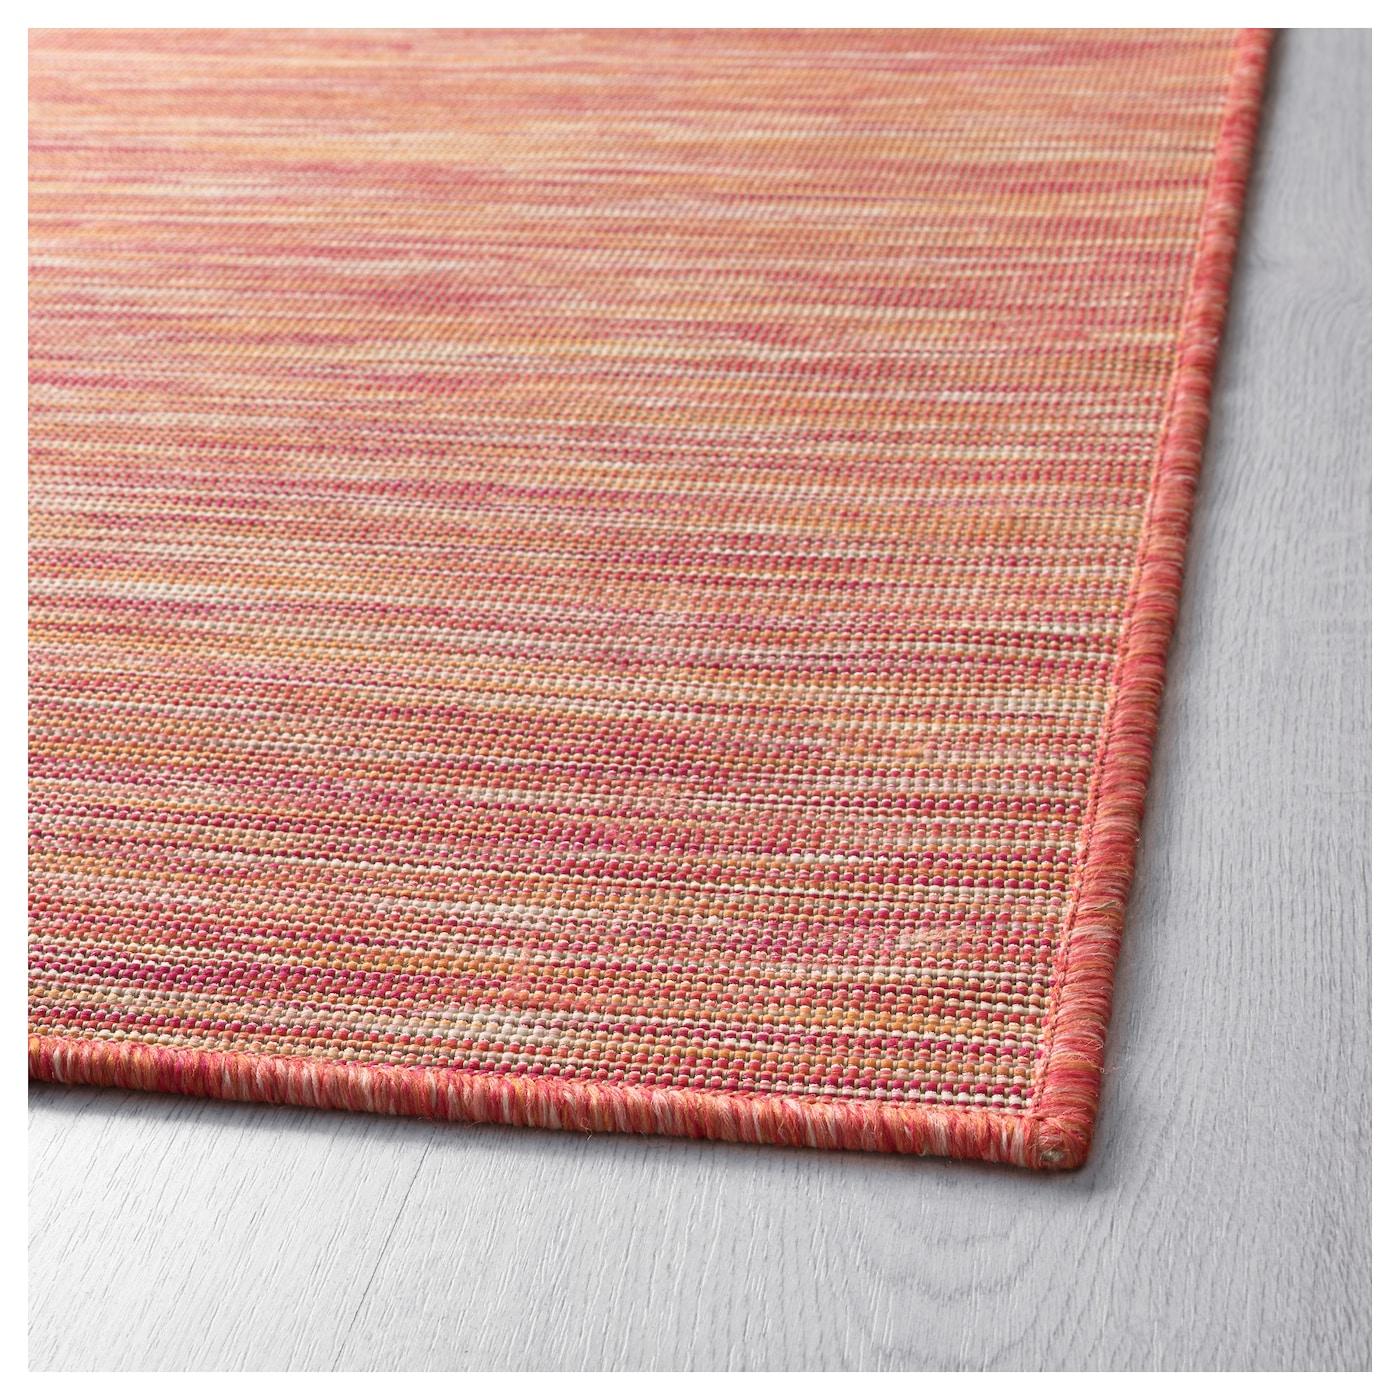 Ikea Waterproof Rug: HODDE Rug, Flatwoven In/outdoor Pink 160x230 Cm